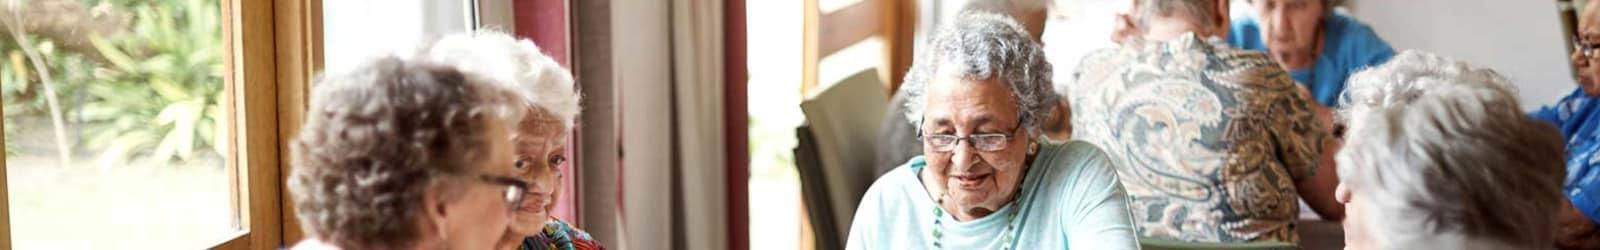 Senior living options at the senior living community in Lexington